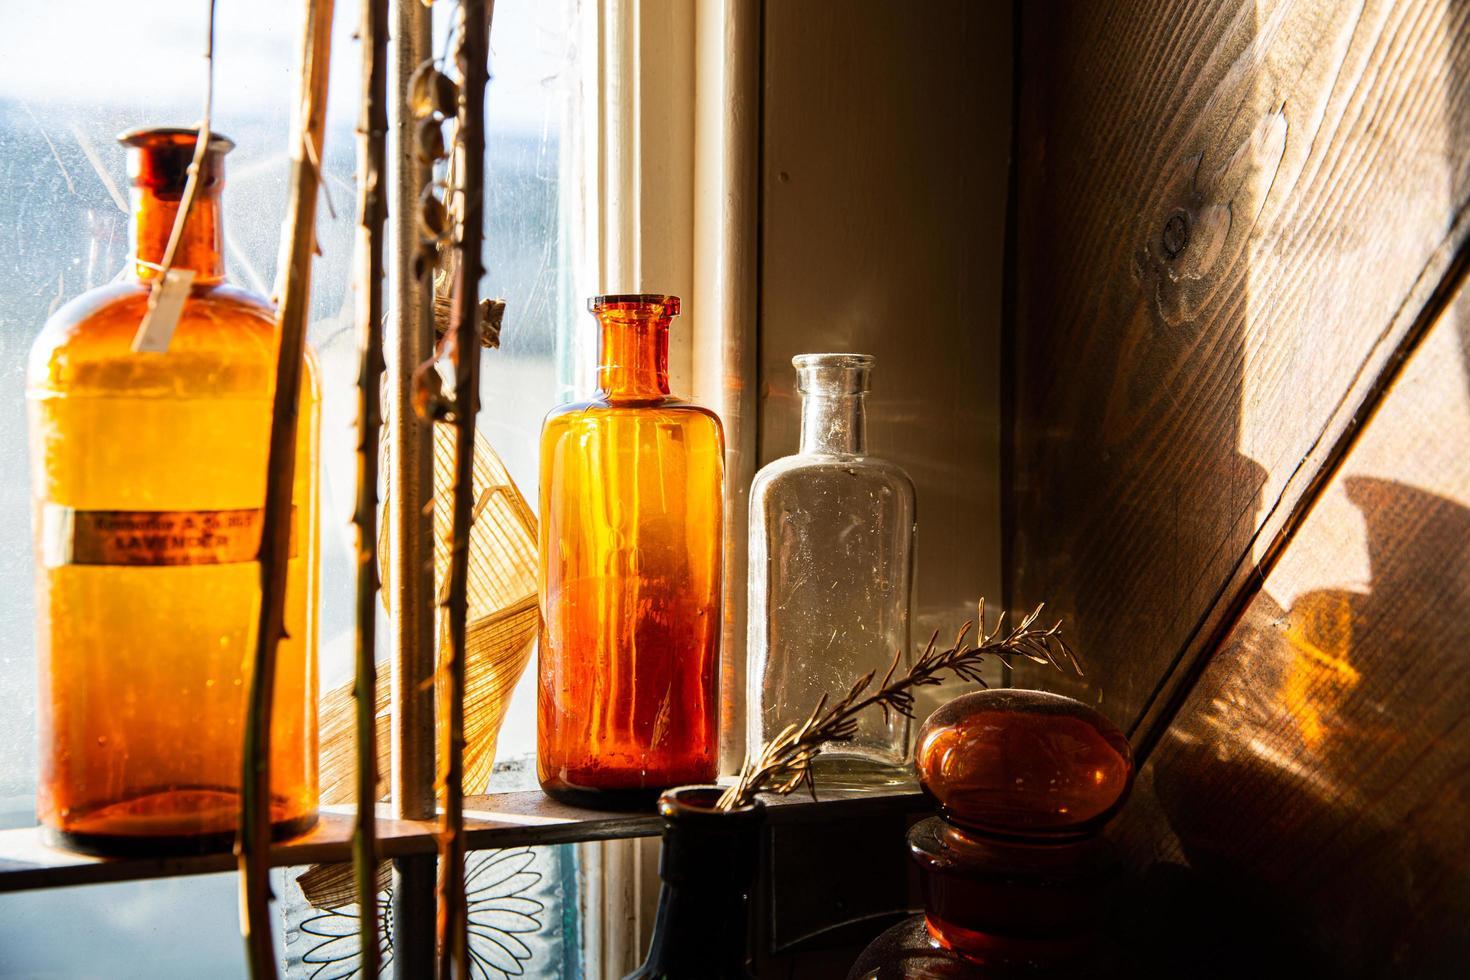 glasflaskor på en hylla nära ett fönster foto